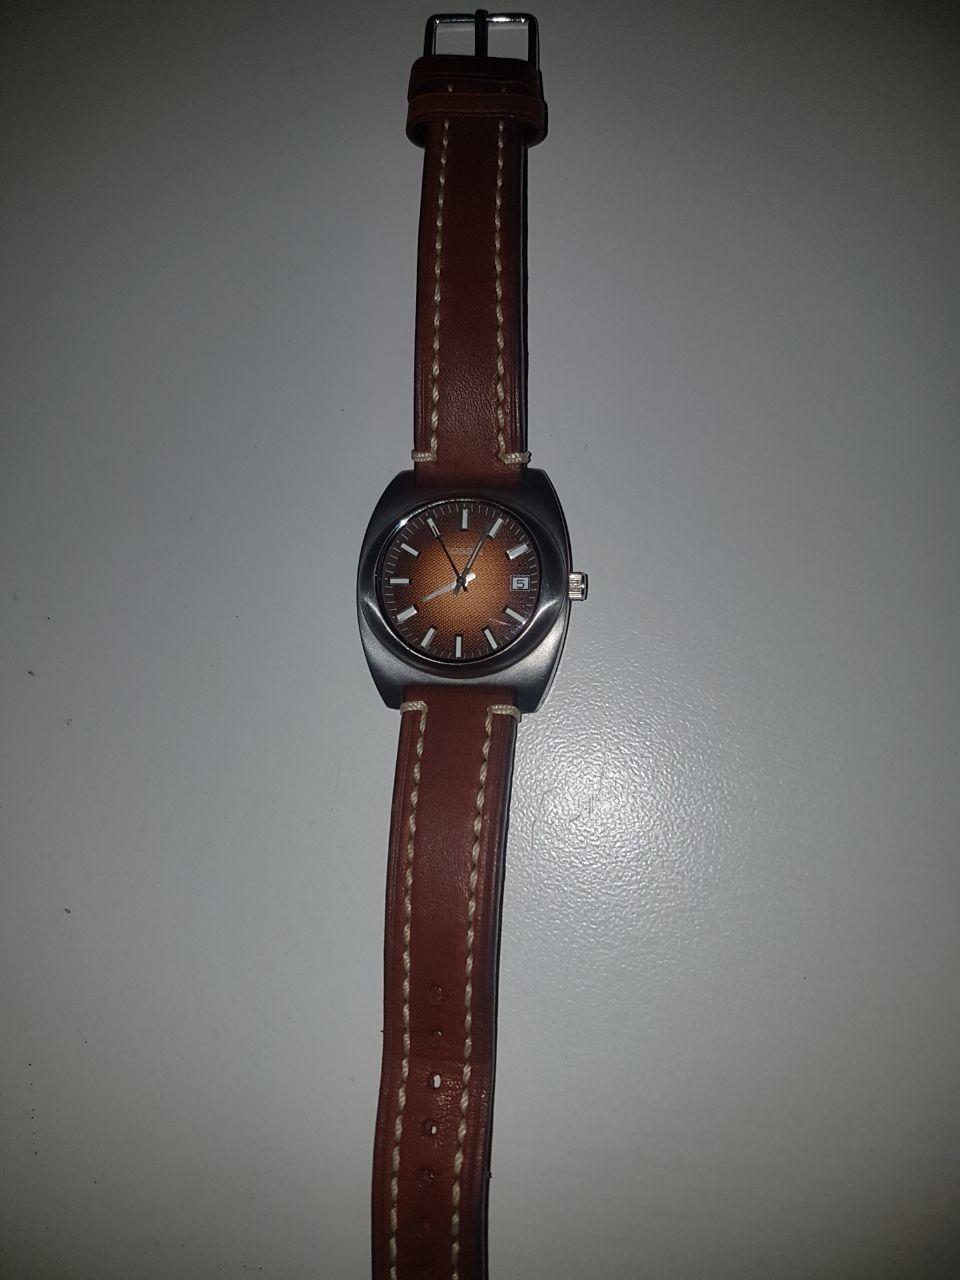 Genuine Fossel watch